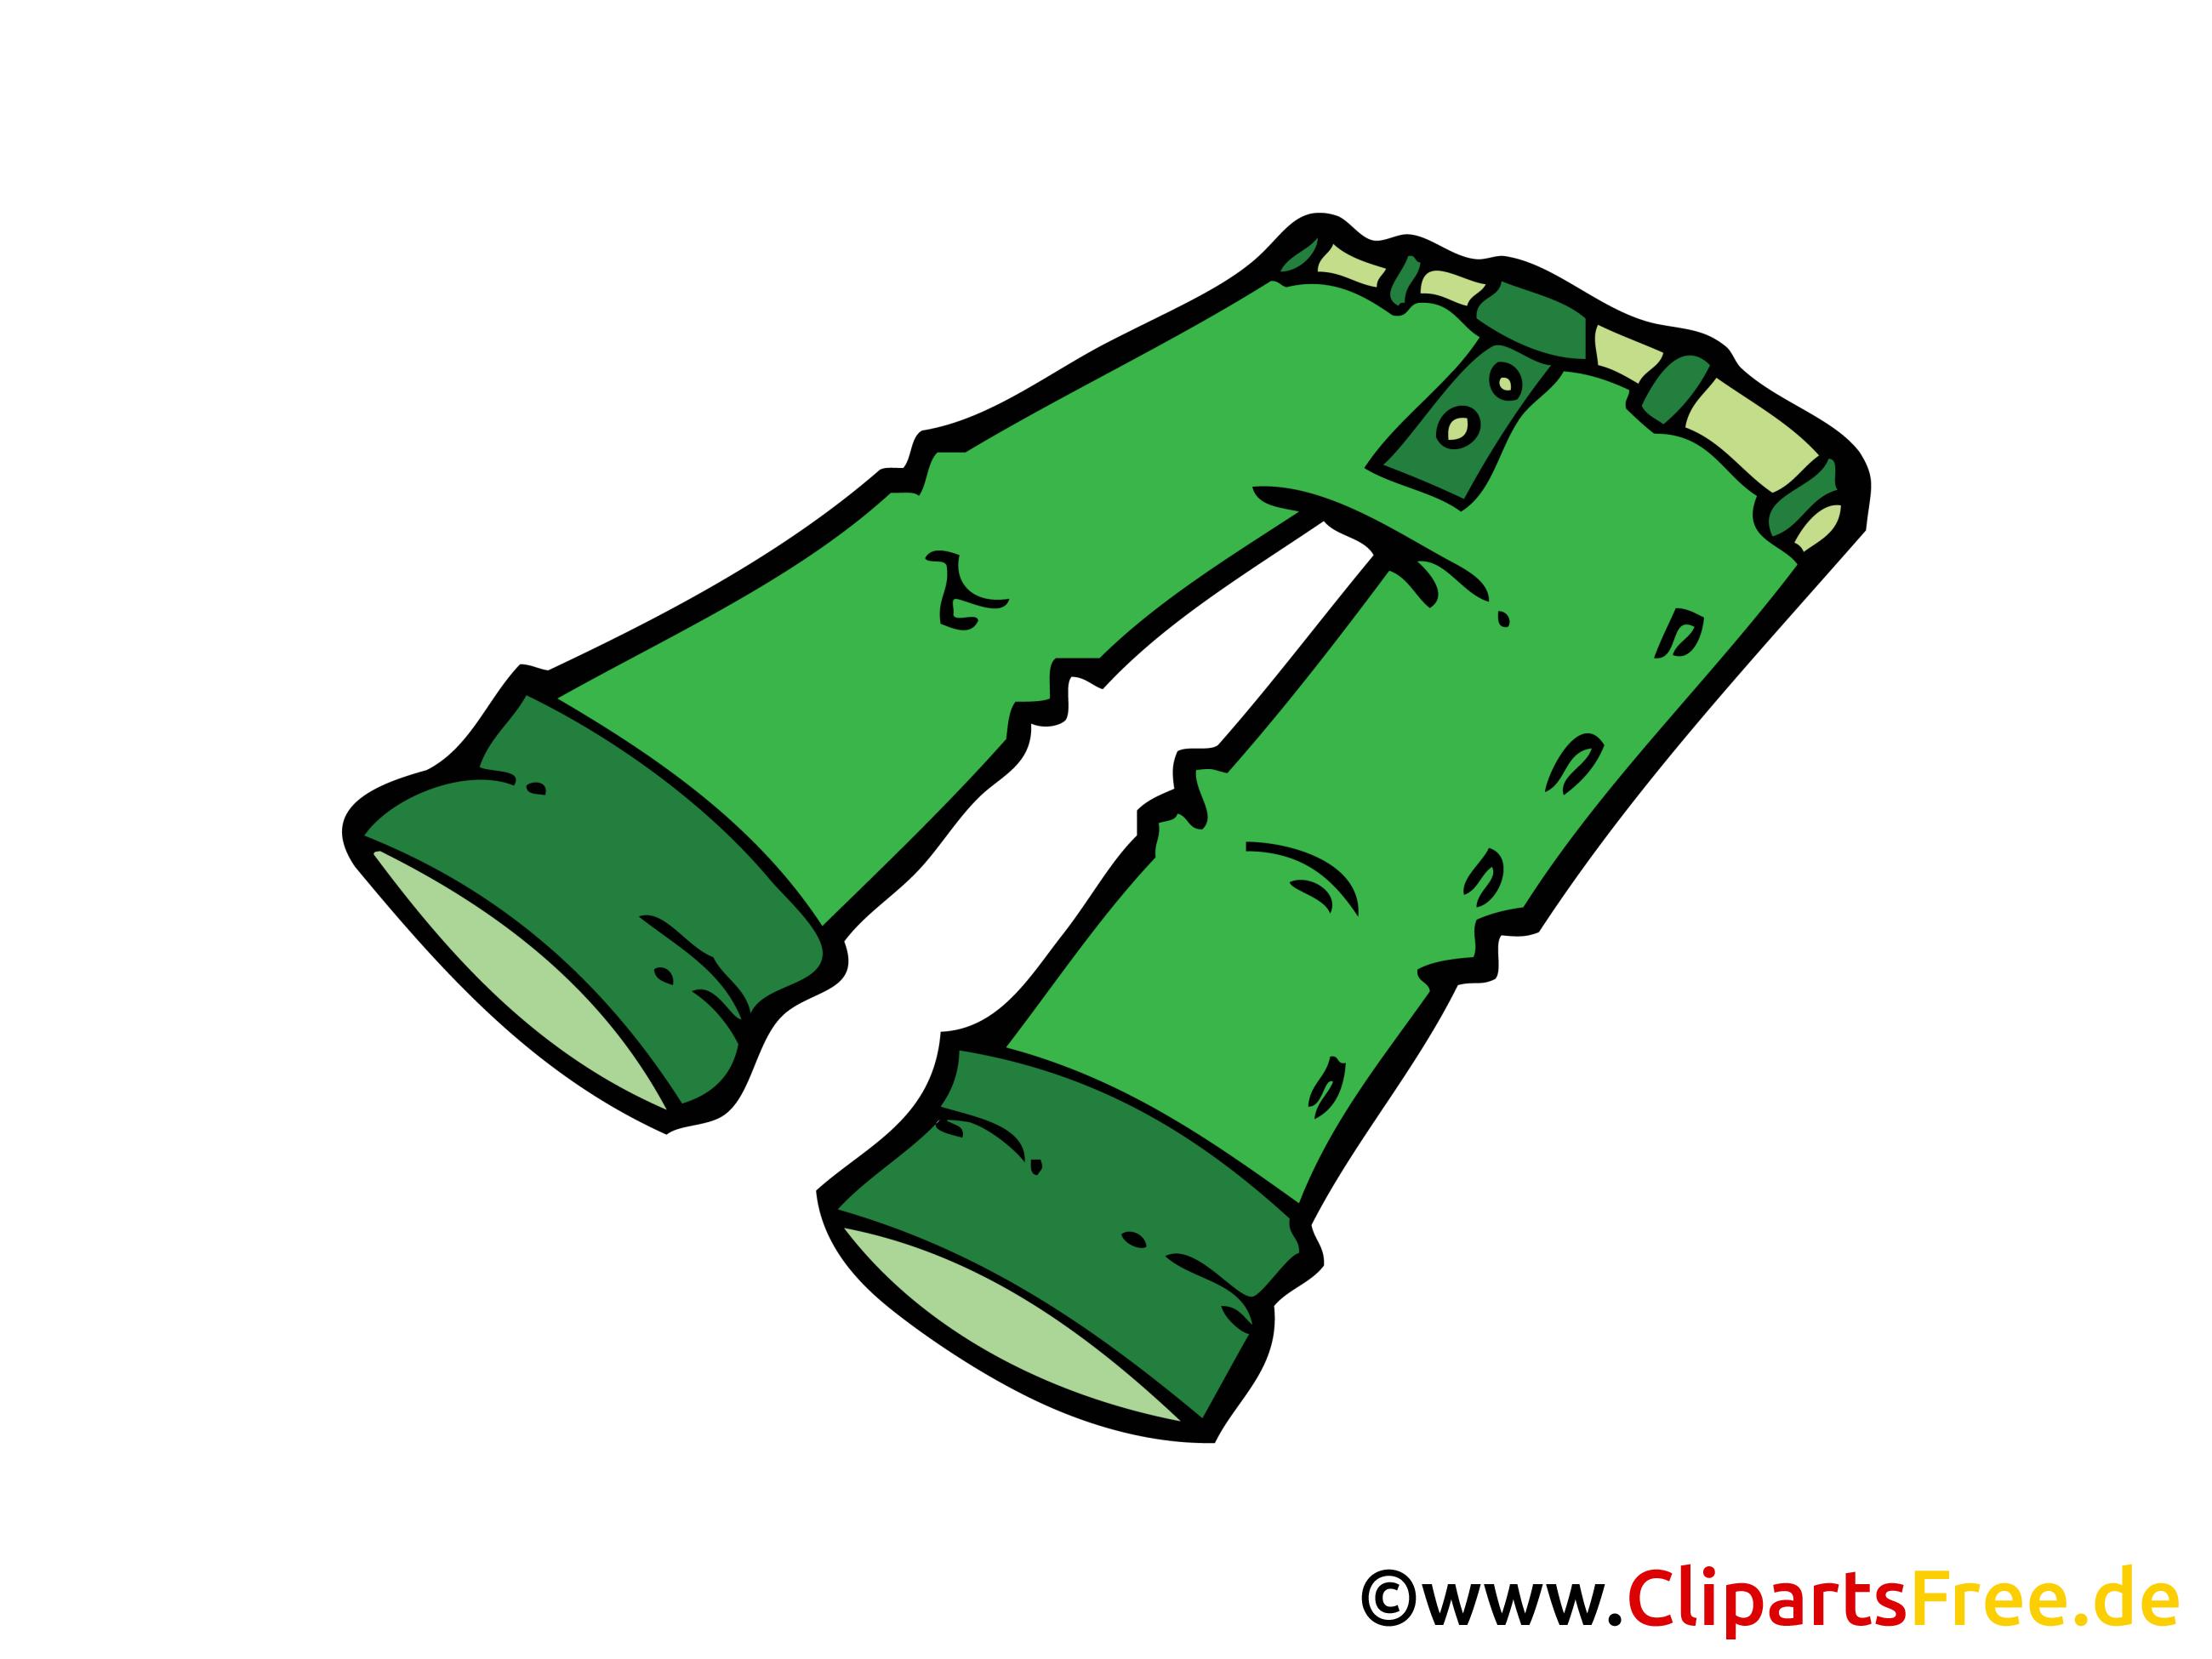 Pantalon illustration gratuite clipart